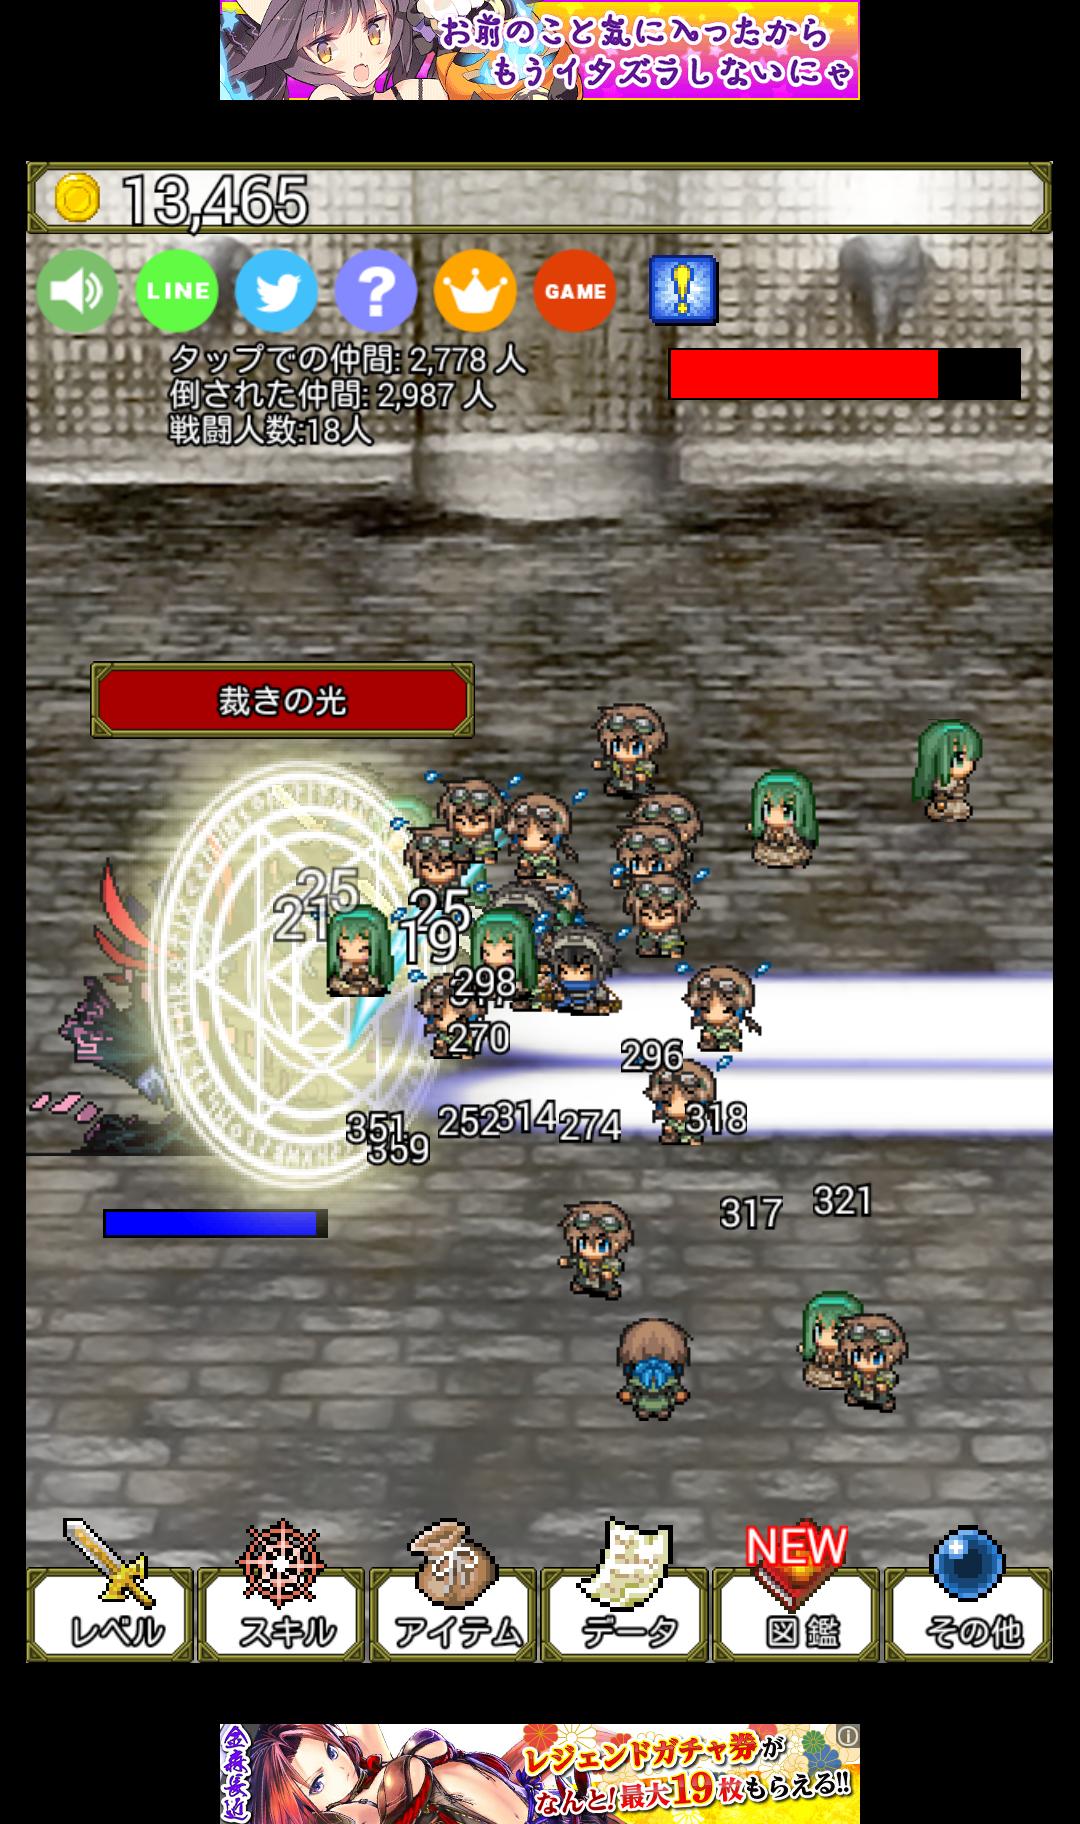 魔王が強すぎて勇者がヤバい!! androidアプリスクリーンショット1